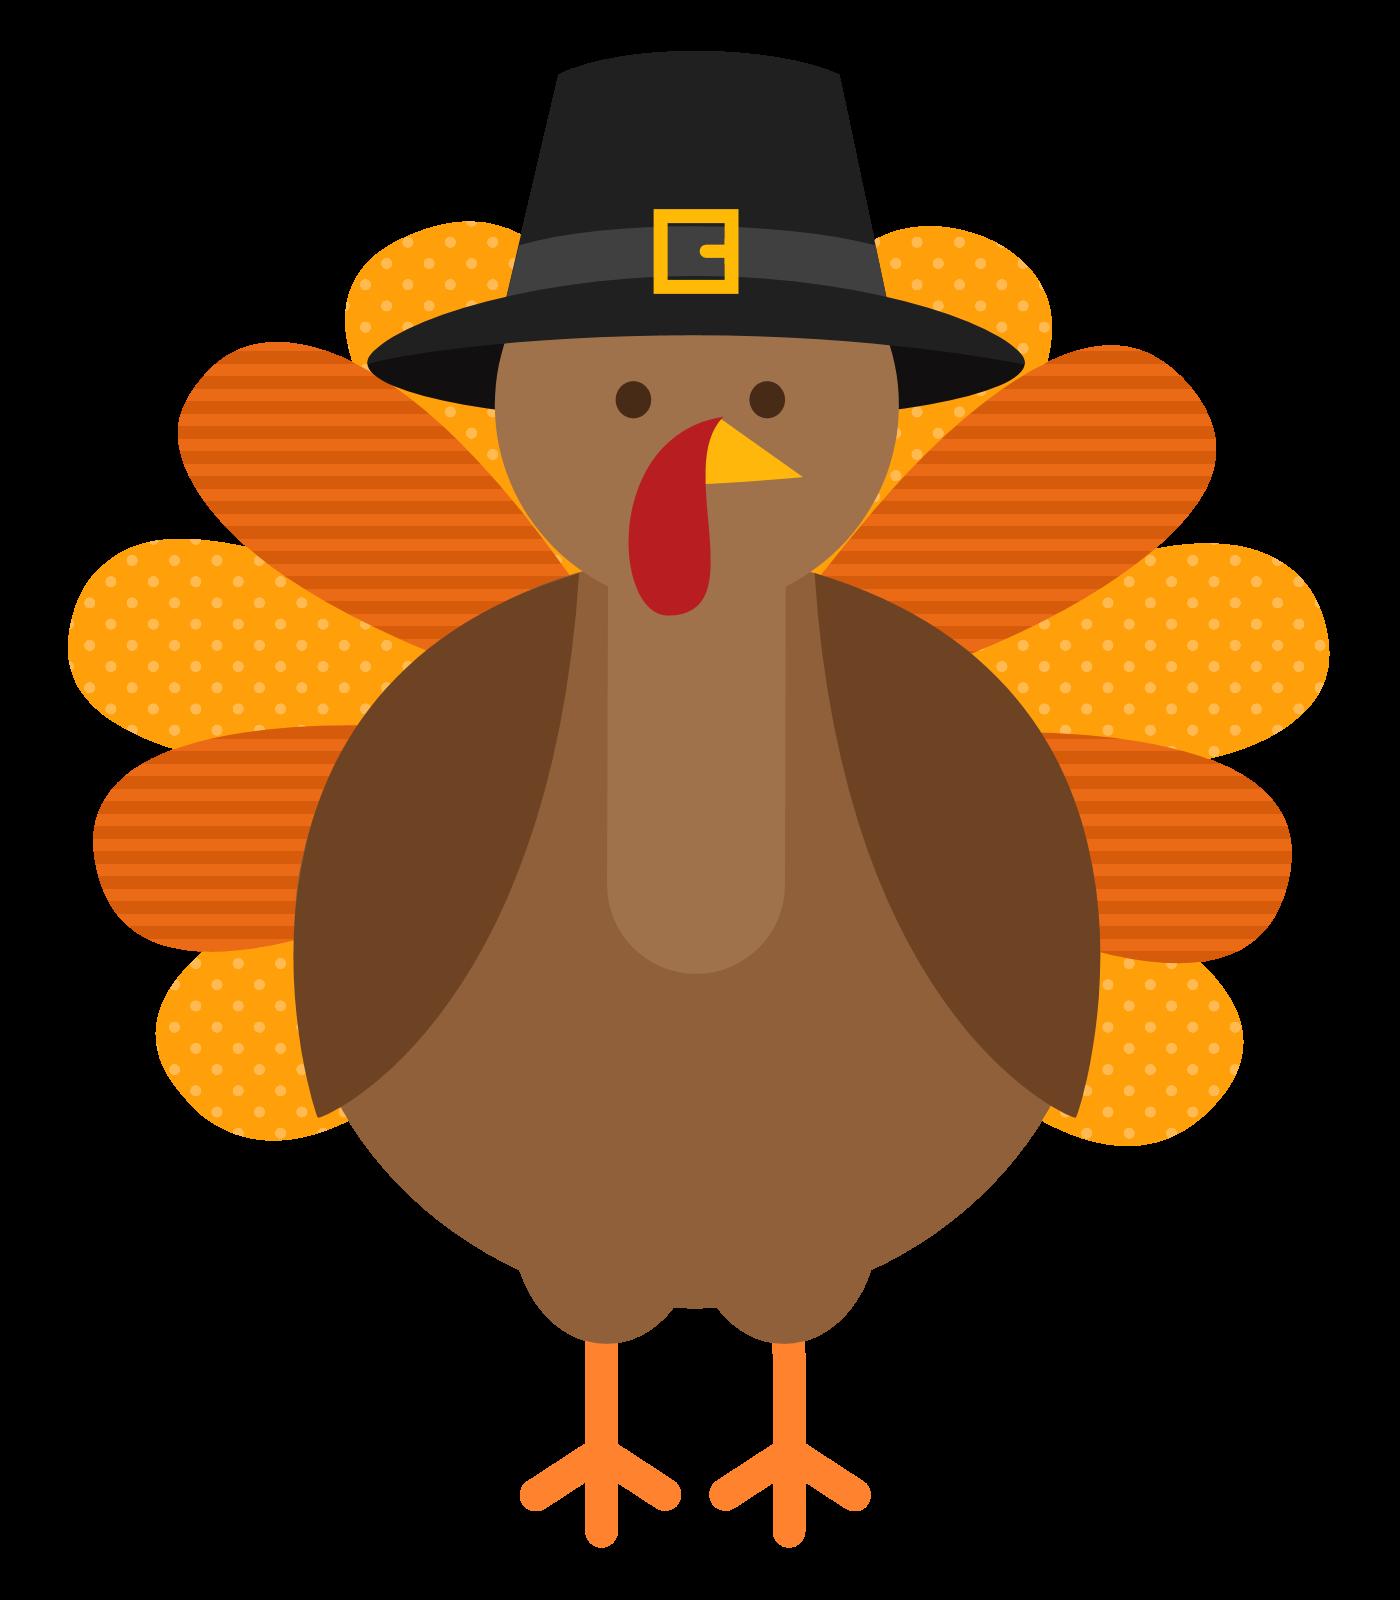 funny turkey clipart free - photo #38